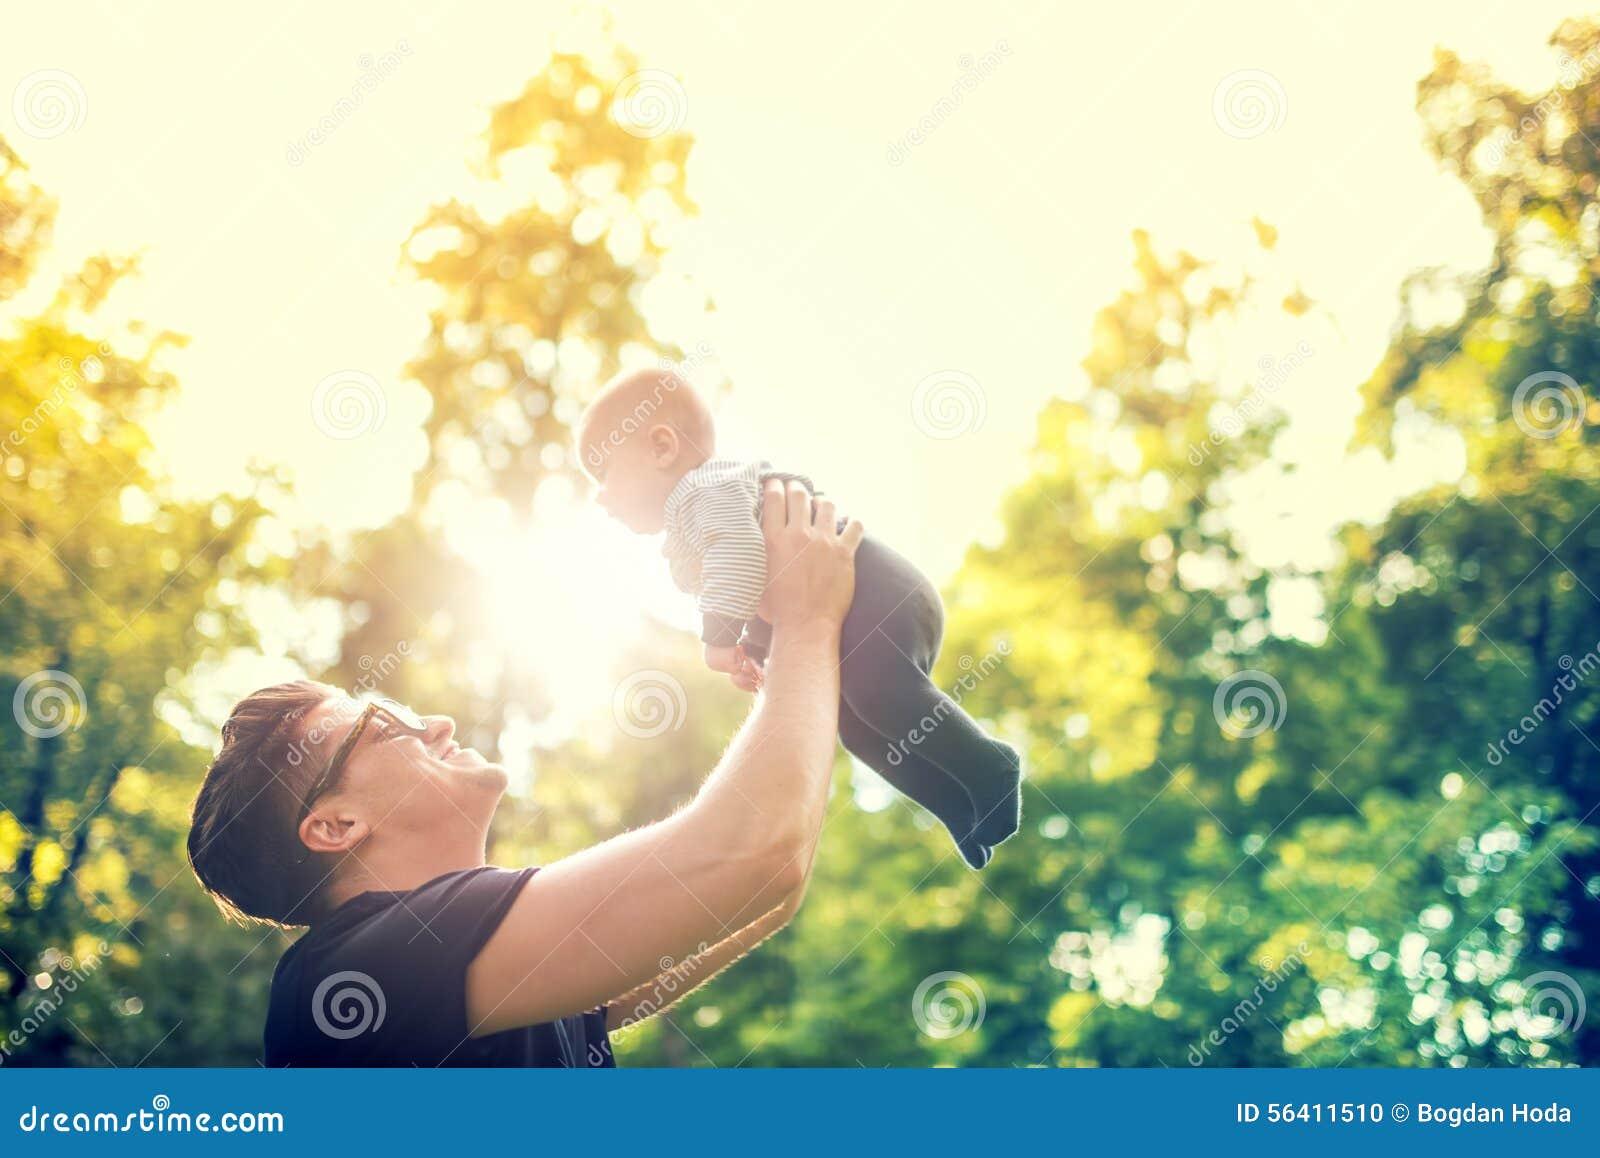 Engendrez tenir peu d enfant dans des bras, jetant le bébé en air concept de famille heureuse, effet de vintage contre la lumière